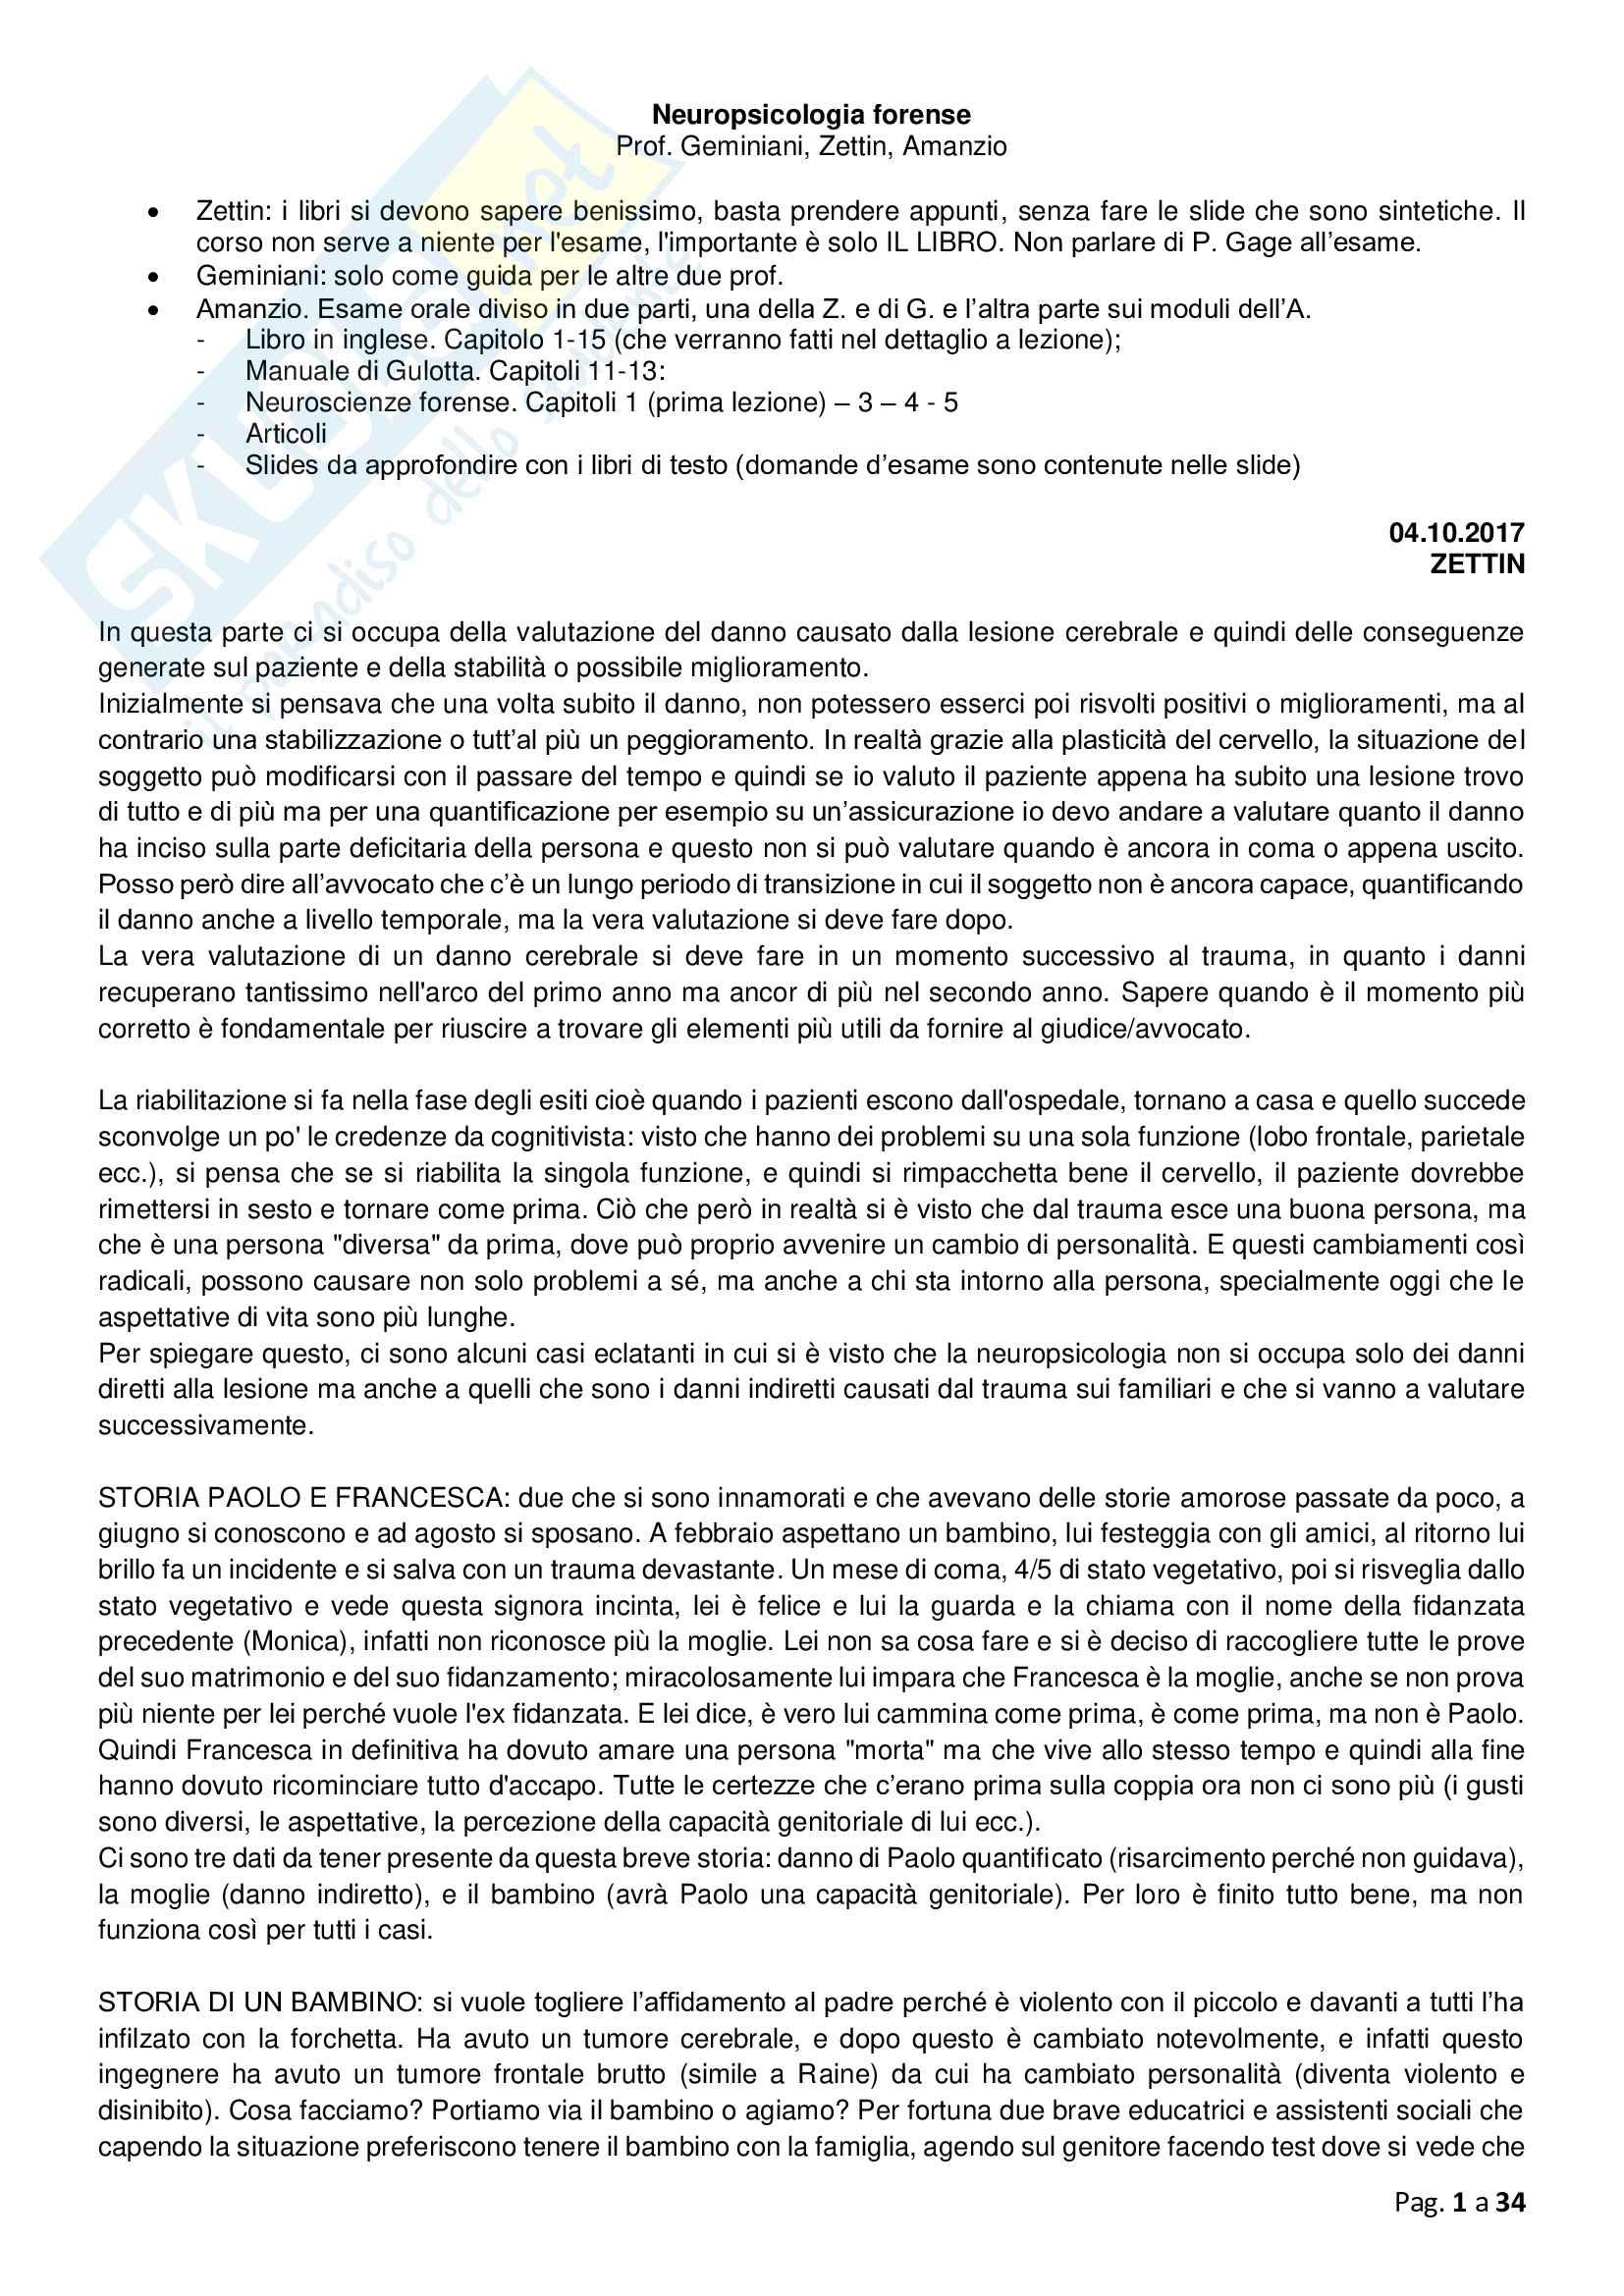 Neuropsicologia, prof Zettin appunti basati su slide e libro